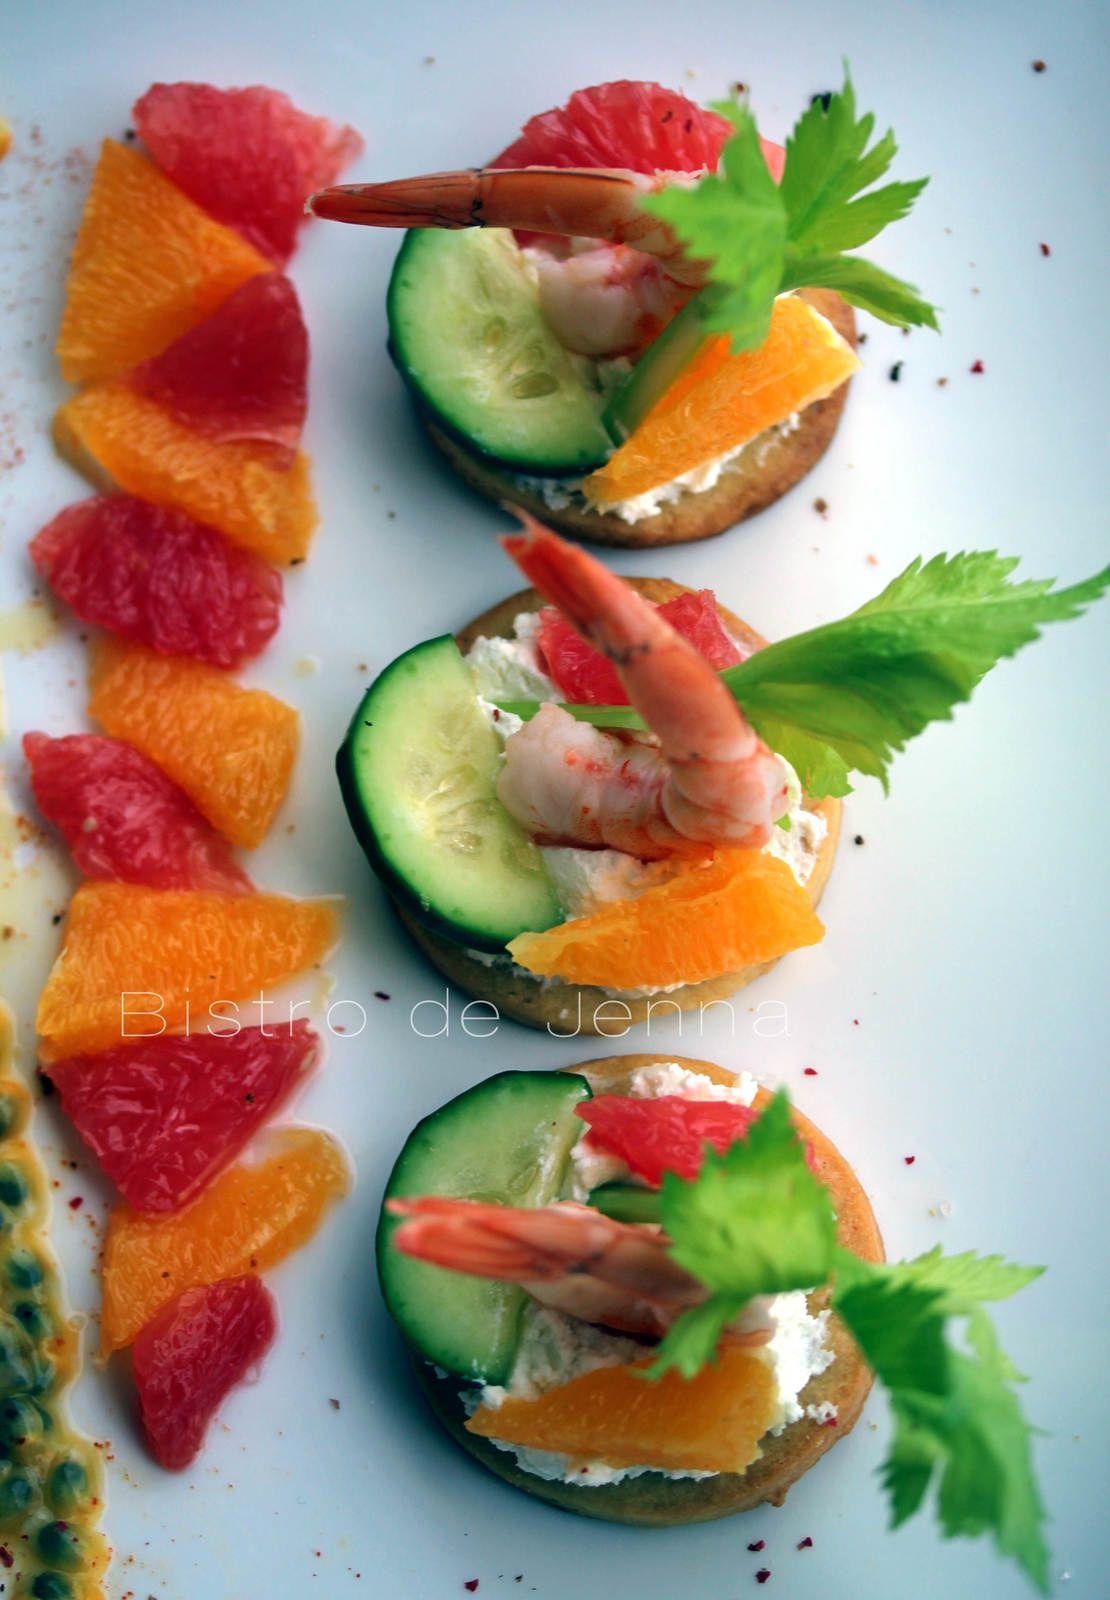 Food Style Photography Jenna Maksymiuk Copyright © Bistro de Jenna